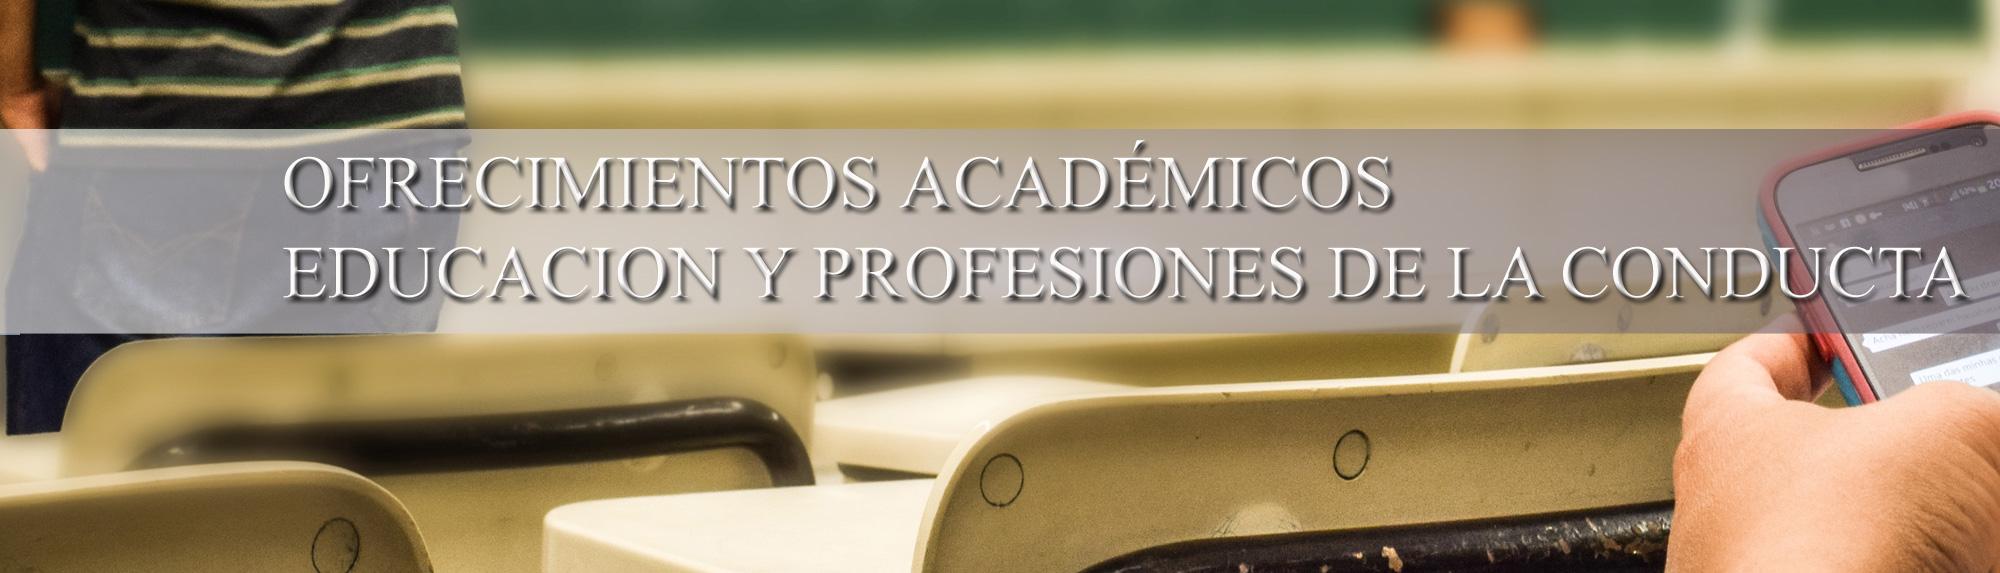 educacion_grados